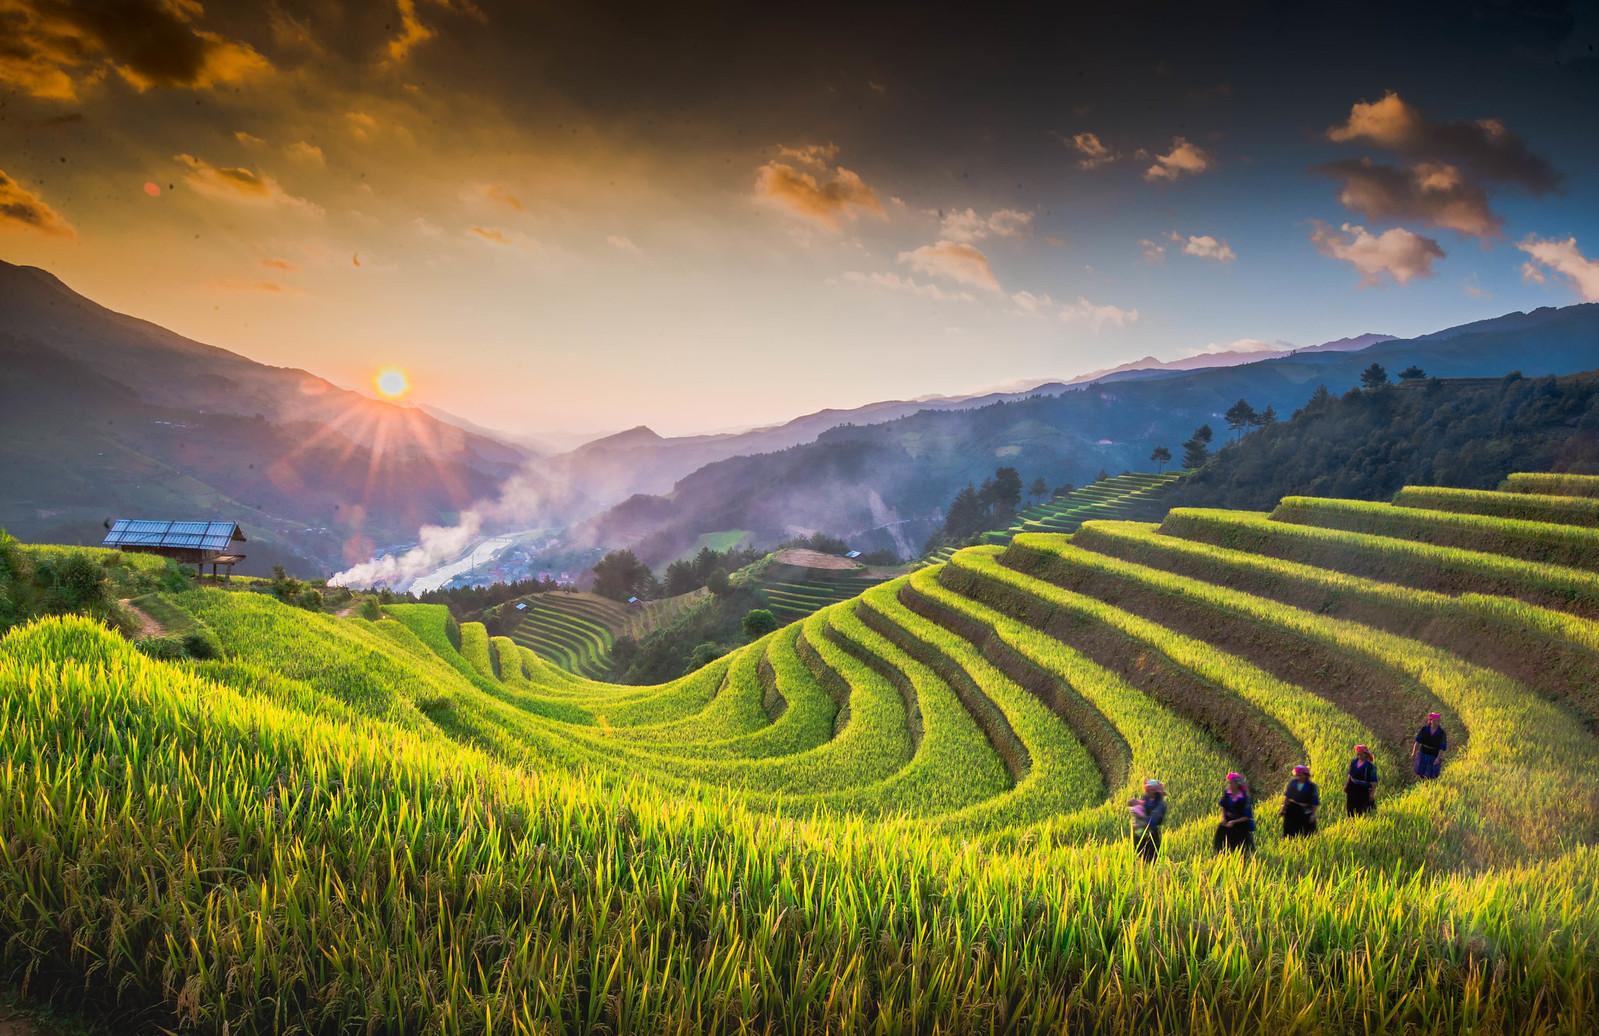 Thang-9-lua-vang-ong-phu-kin-mu-cang-chai-vietmountain-travel